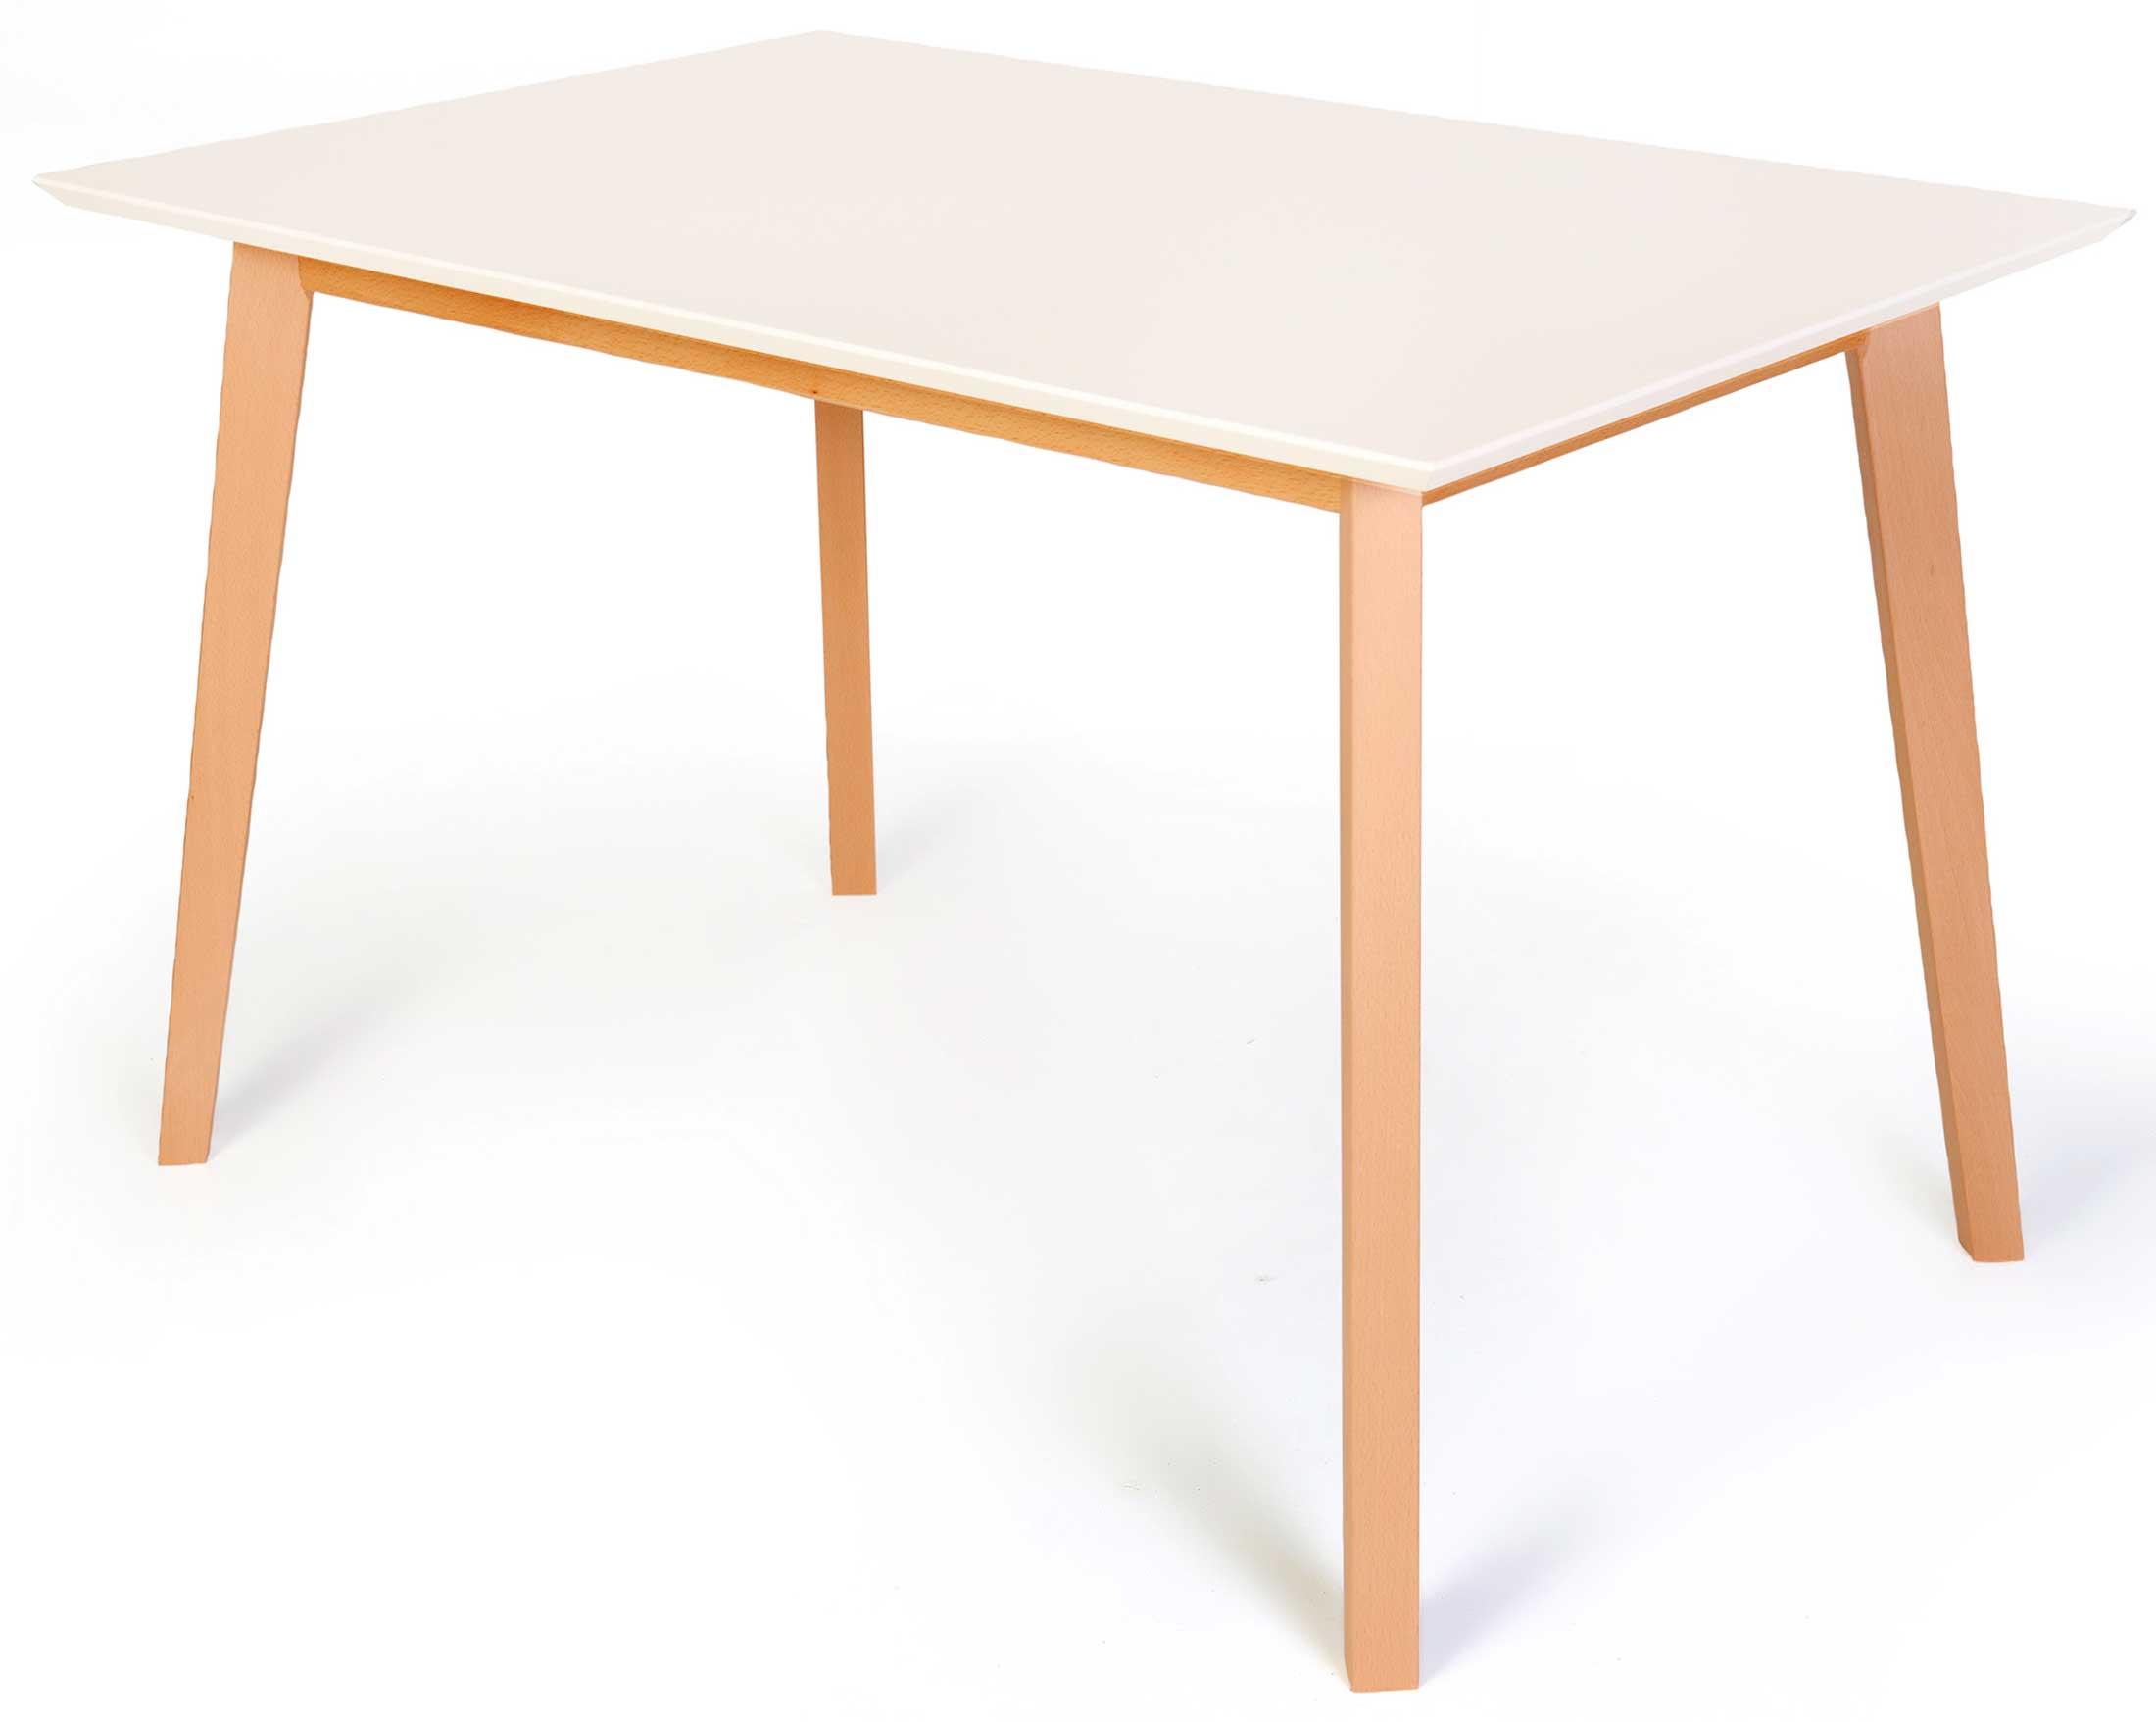 Standard Furniture Vinko Esstisch Massivholz ausziehbar | Möbelmeile24